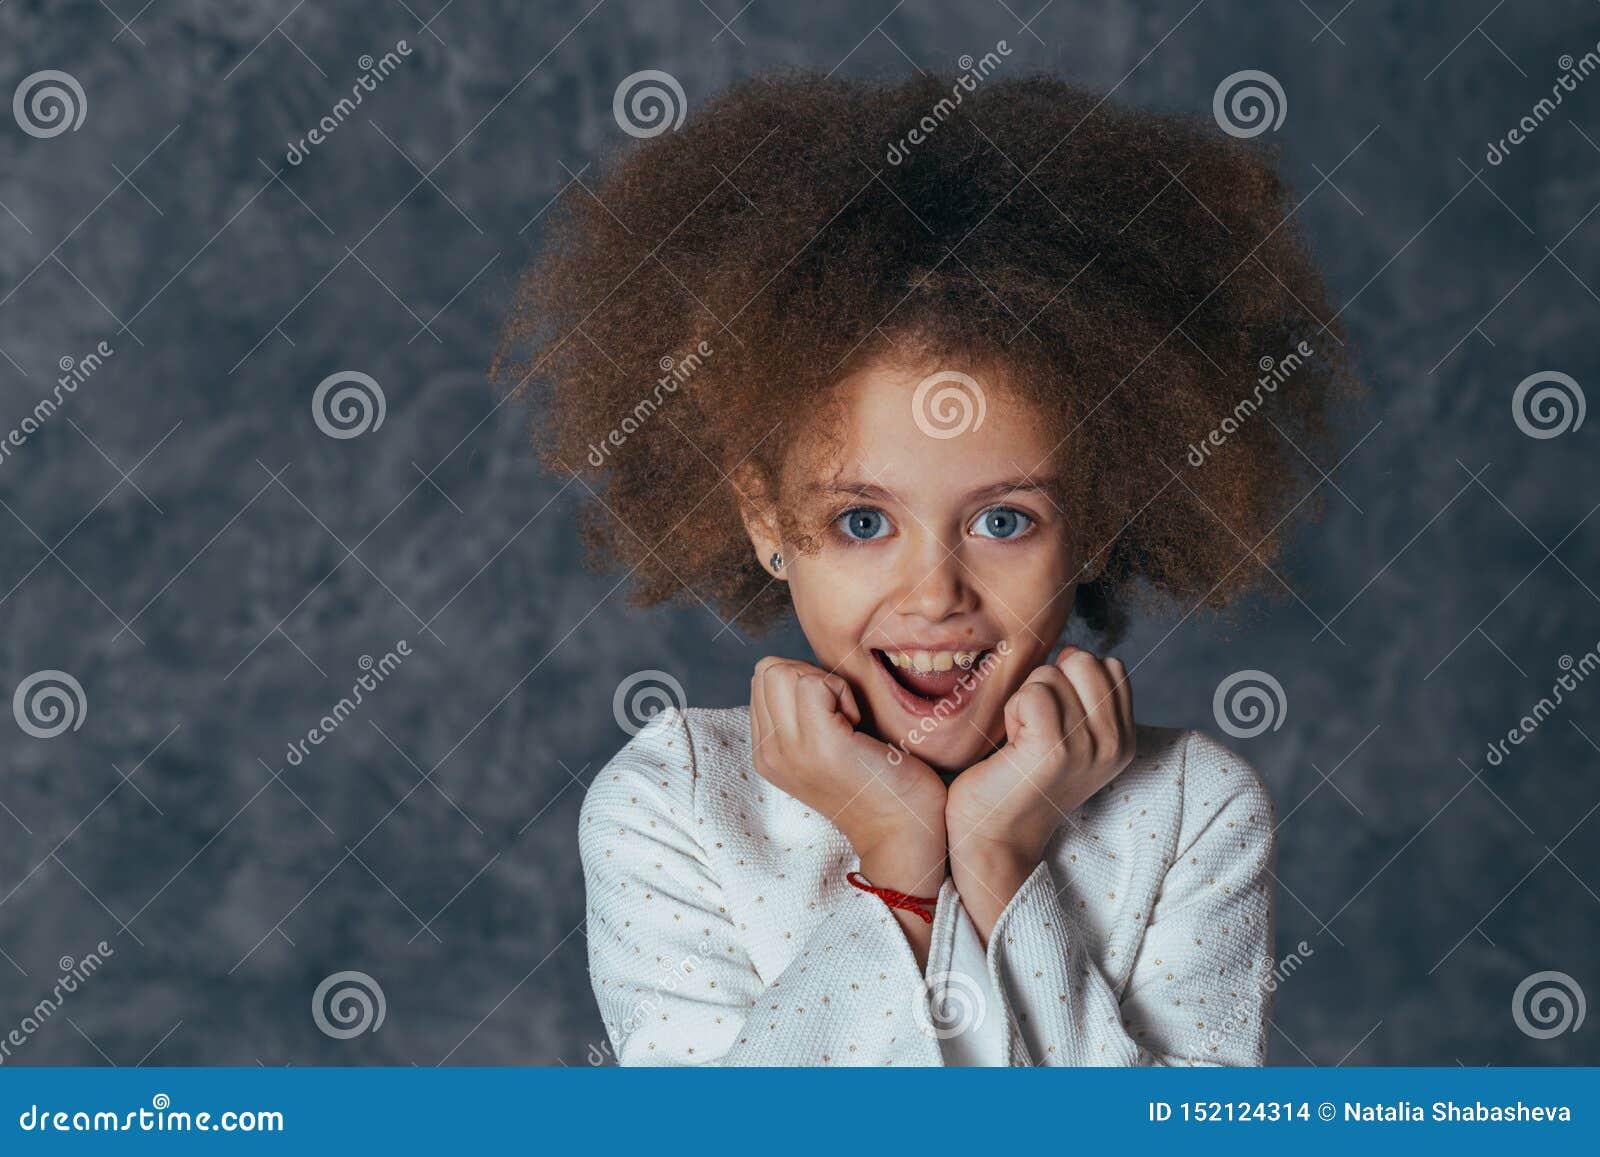 När du ler den nätta flickan med lockigt hår rymmer händer nära framsida och glädjas